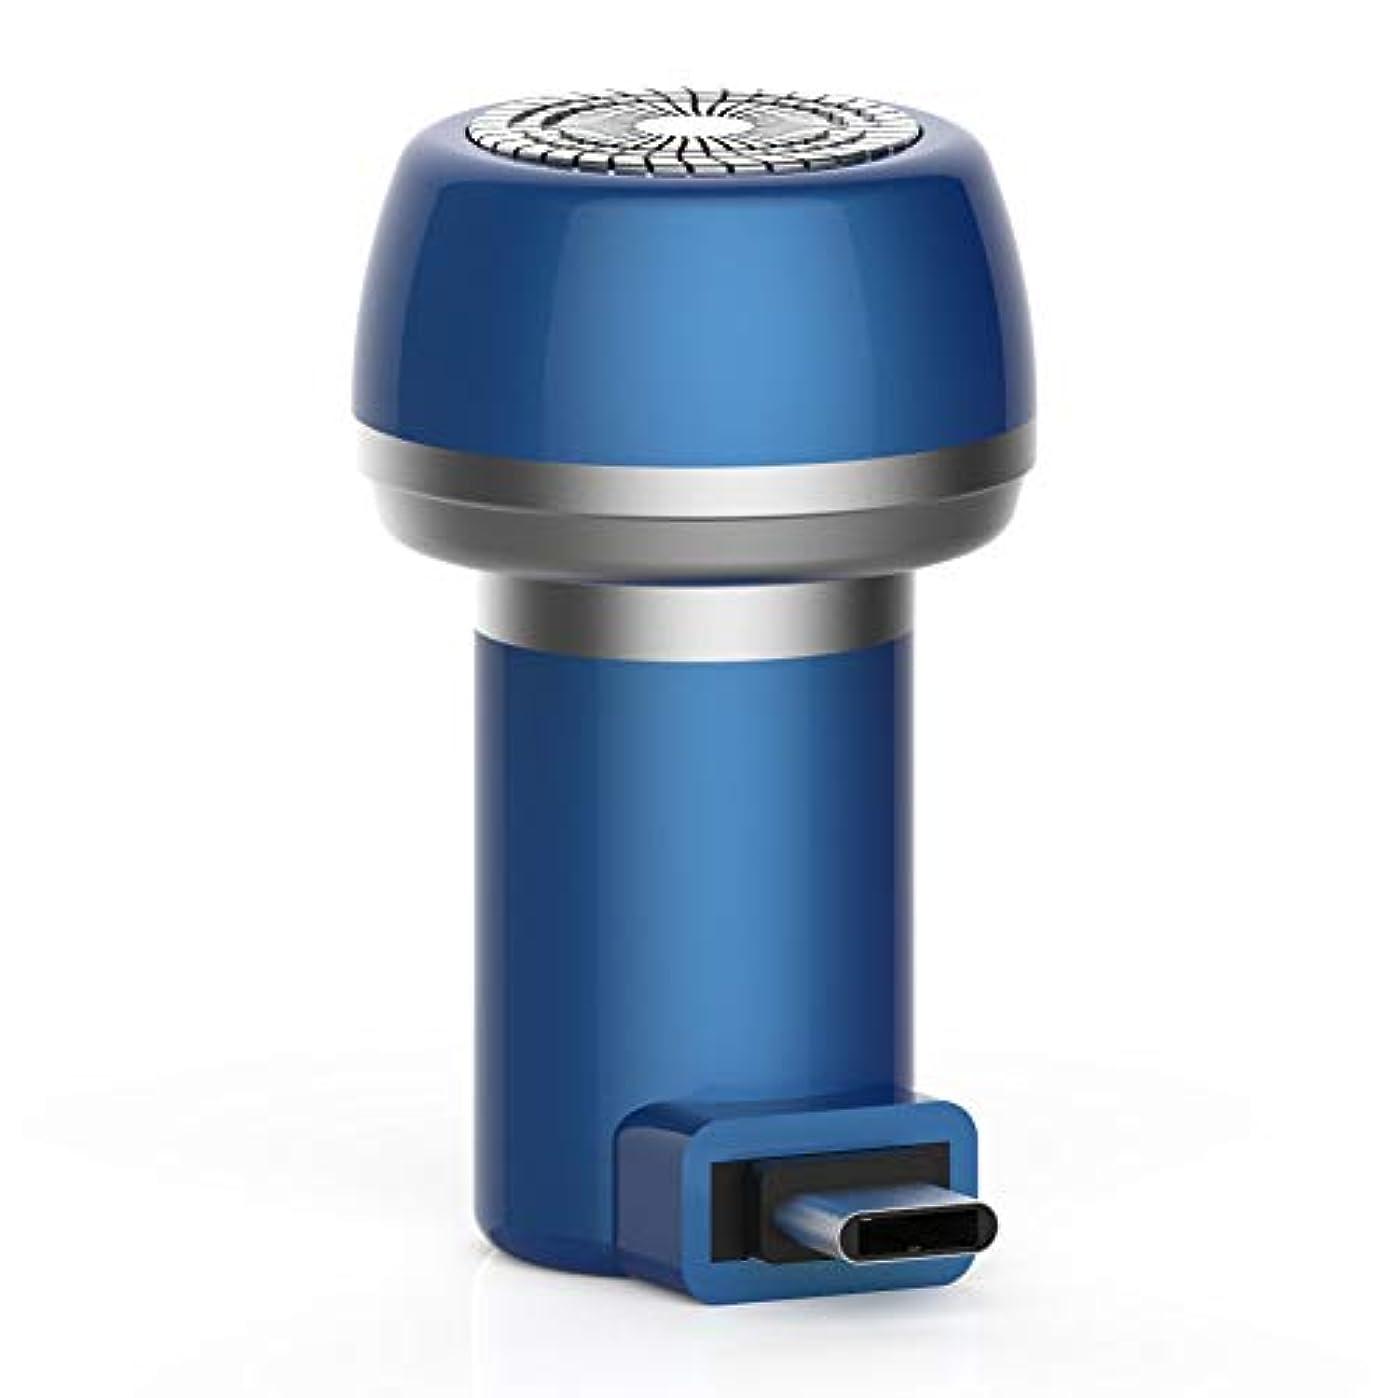 インターネット層オンスProfeel 2 1磁気電気シェーバーミニポータブルType-C USB防水剃刀